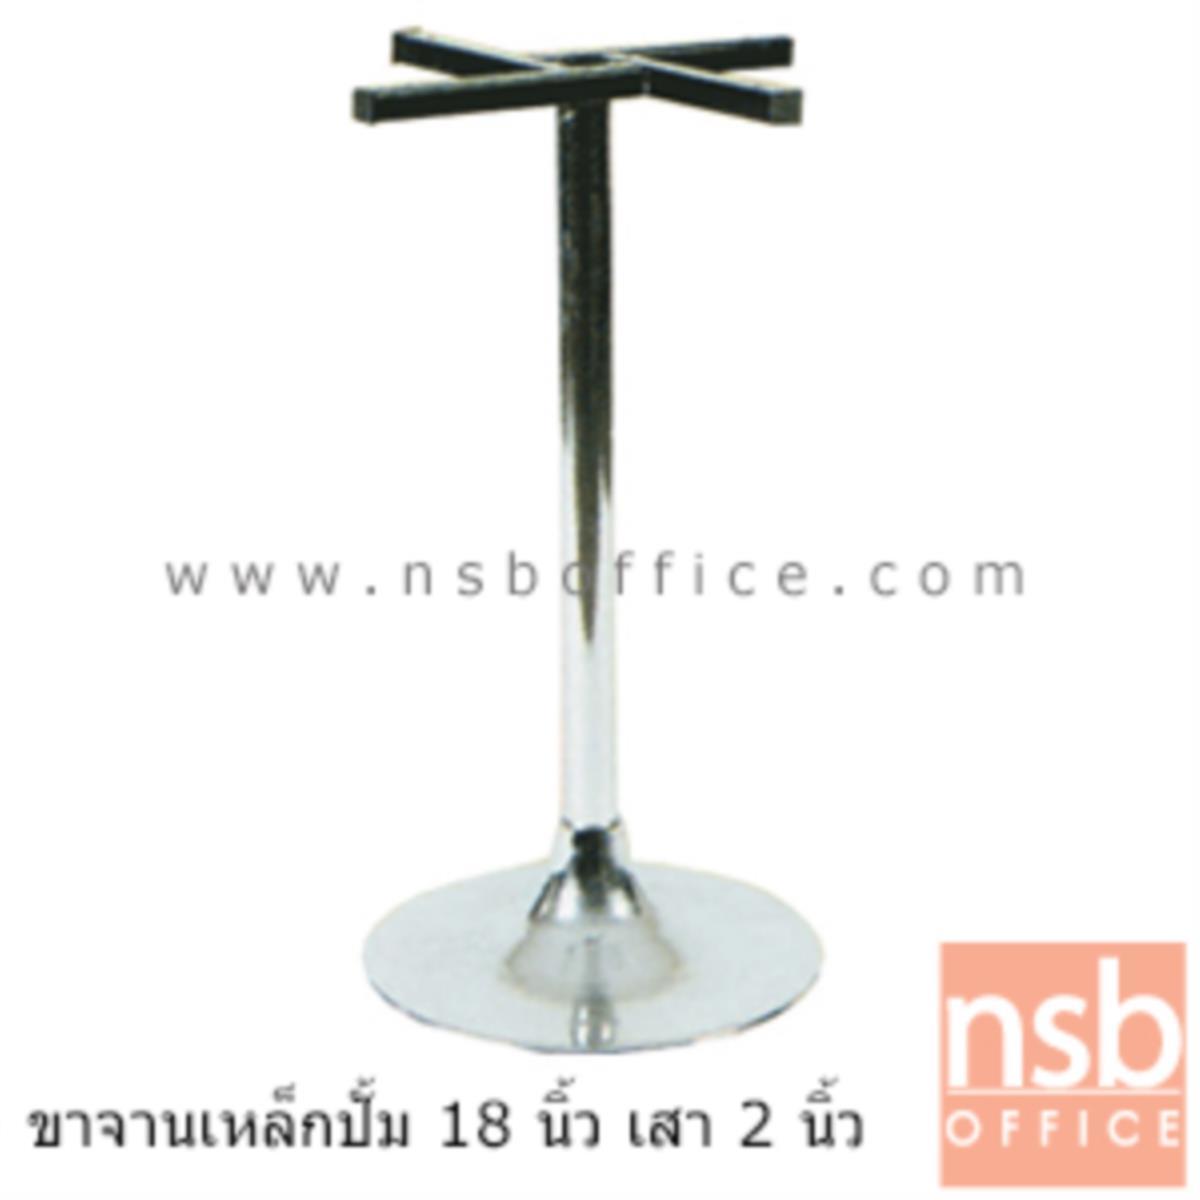 A14A028:ขาโต๊ะบาร์ รุ่น Wonder (วันเดอร์) ขนาด 41W*70H cm. ขาเหล็ก